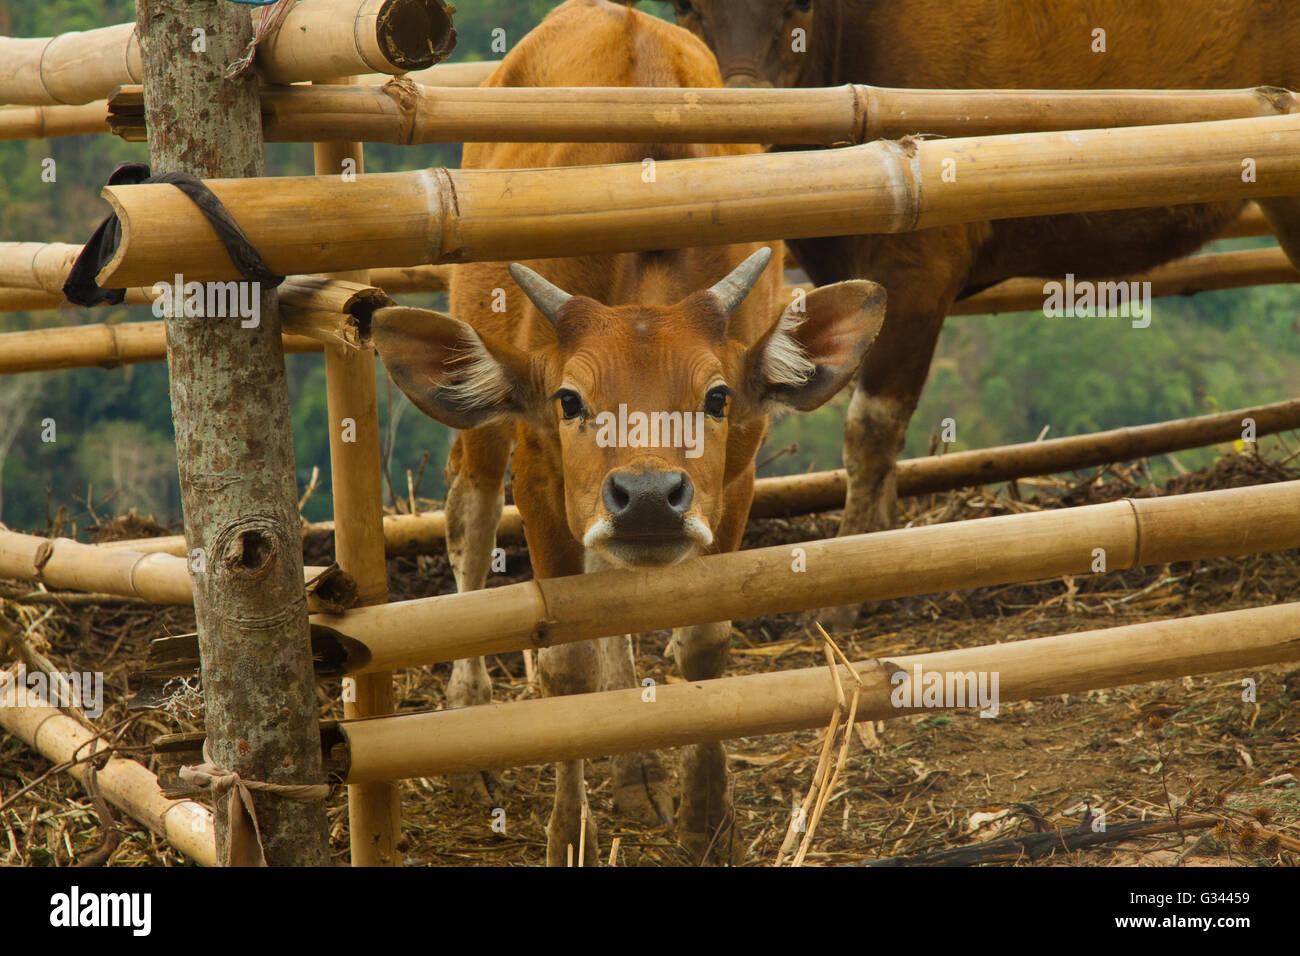 La race bovine Vache dans un style local traditionnel ferme avec bamboo huts sur Flores, Indonésie Banque D'Images